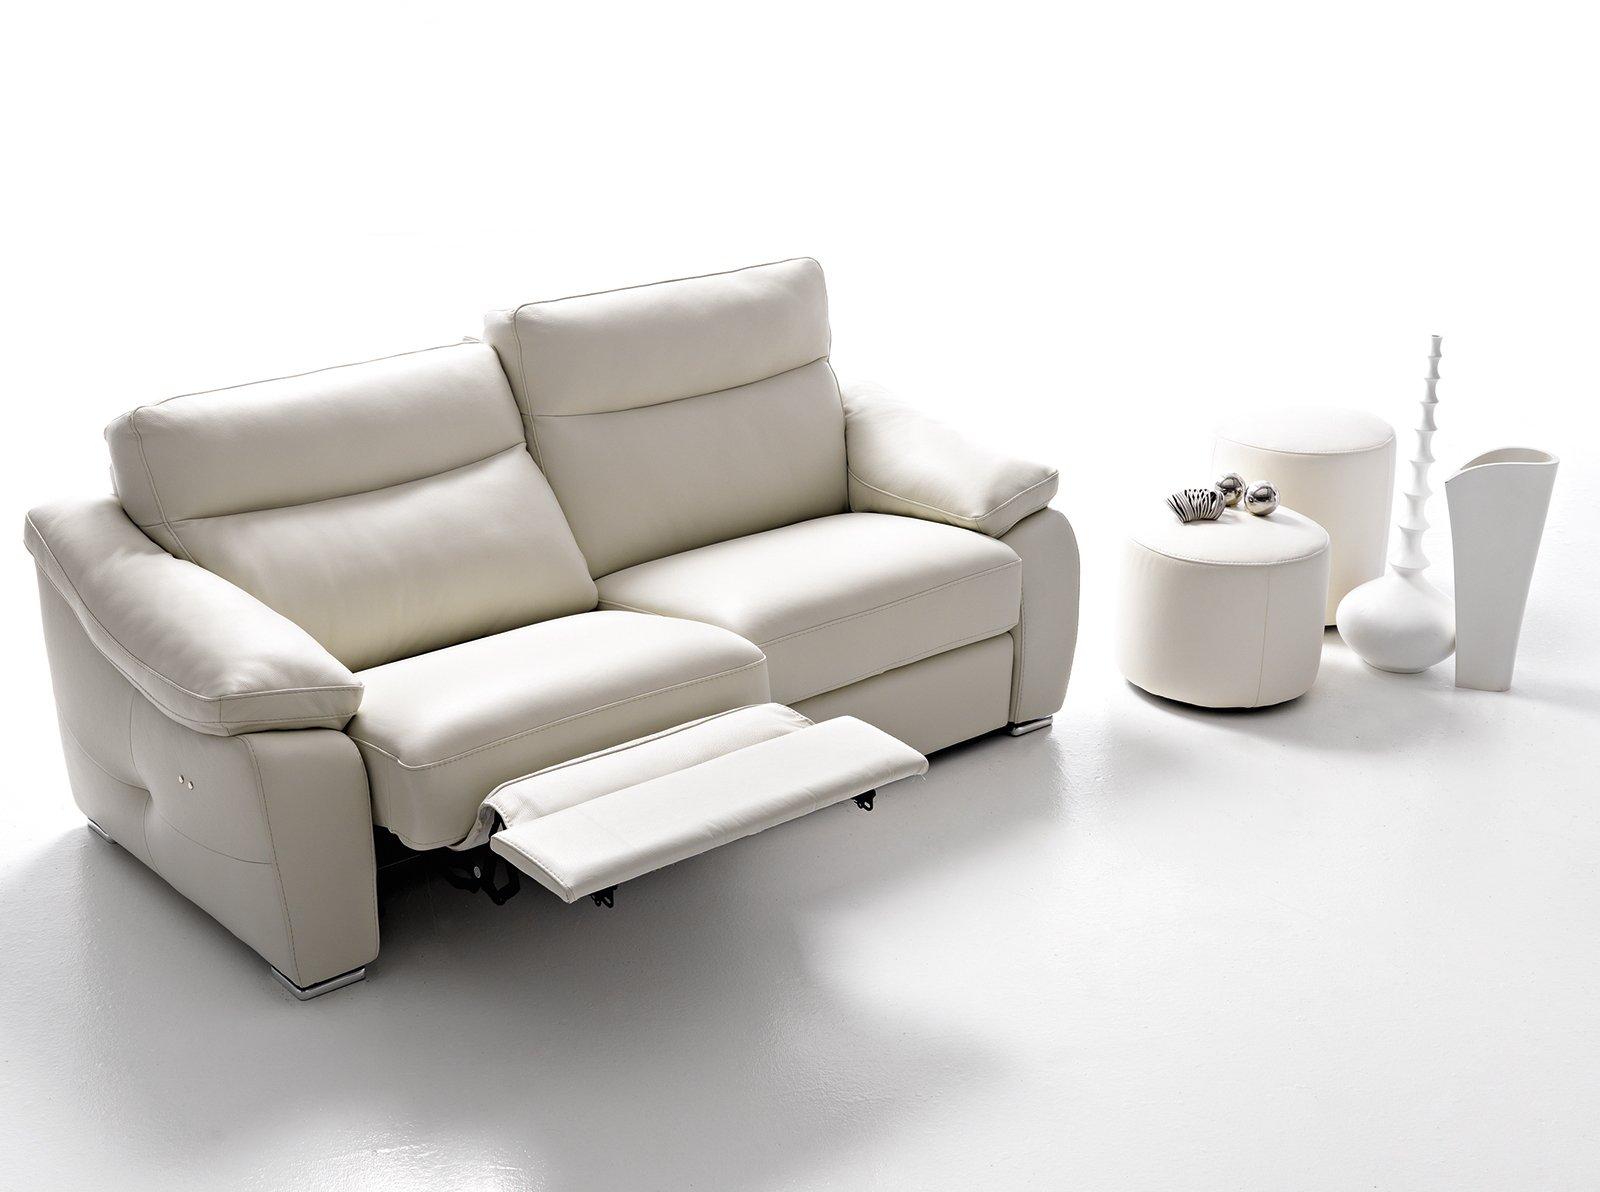 Divani con meccanismi per ogni tipo di relax cose di casa - Divano diesis divani e divani ...